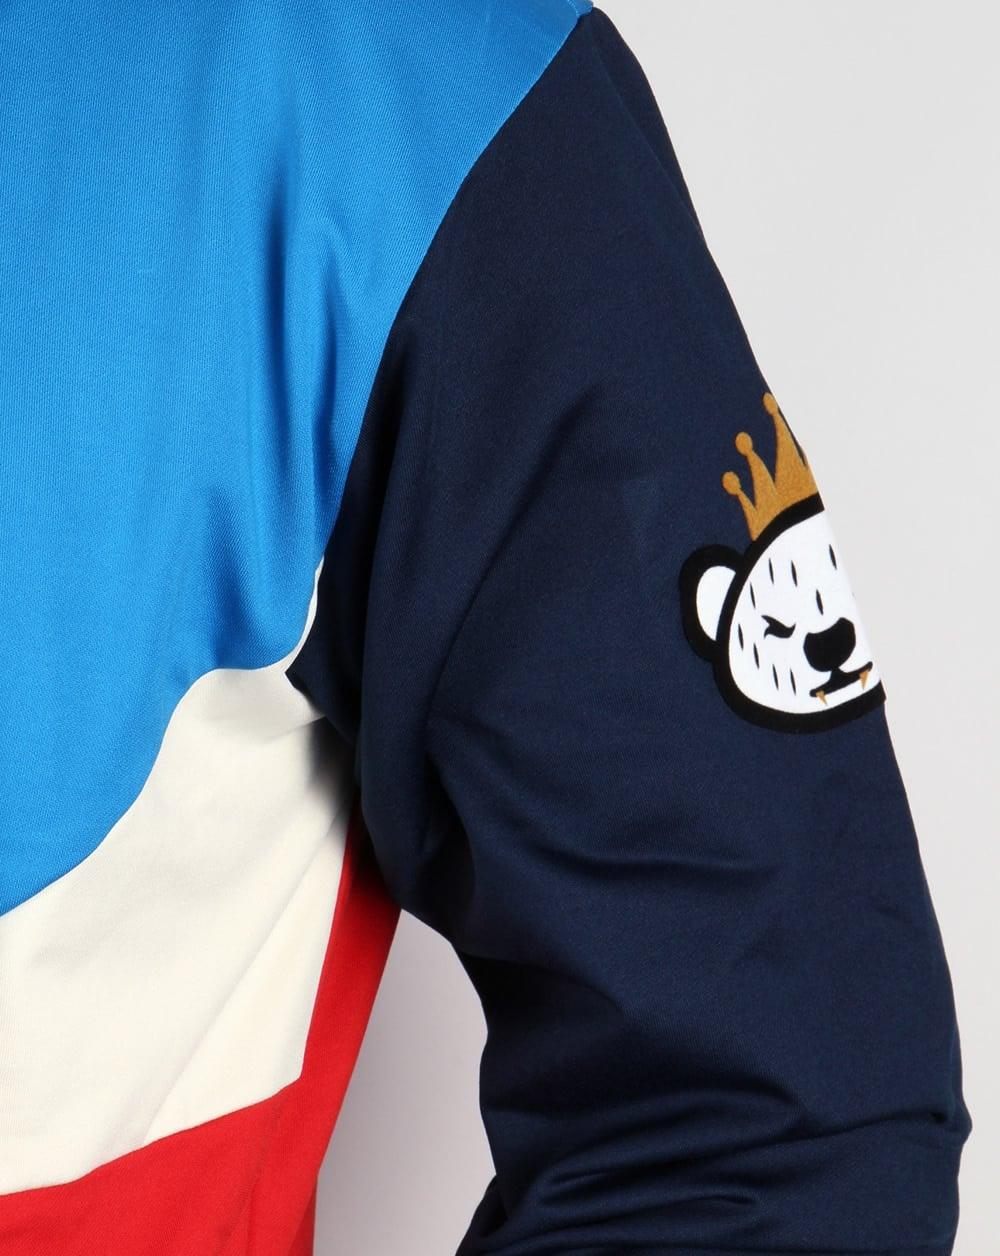 db3c91b42ae2 Buy blue adidas zip hoodie   OFF60% Discounted